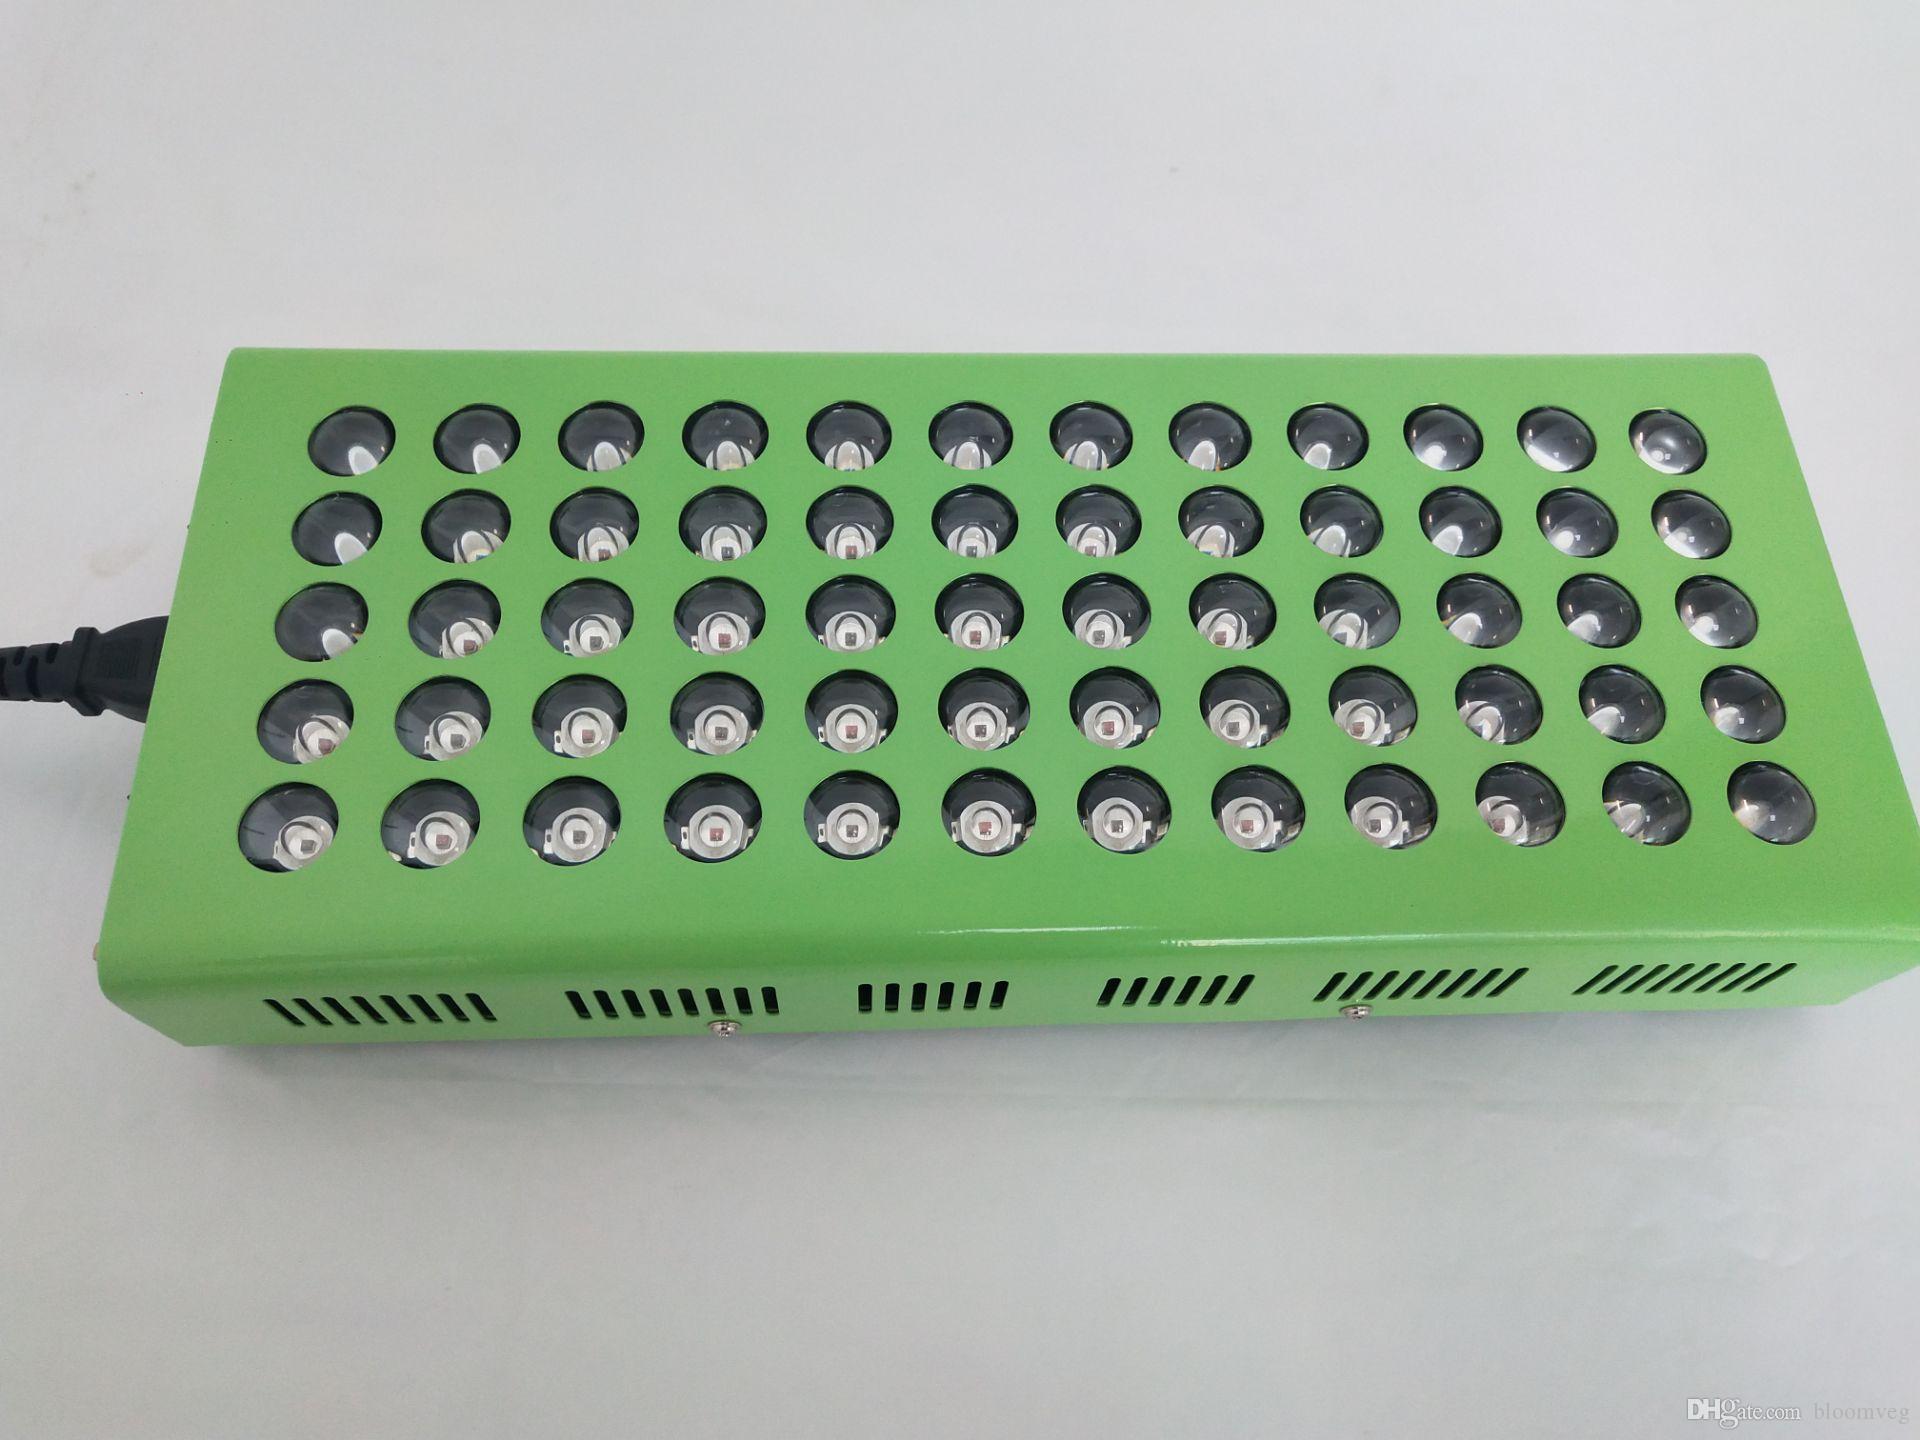 통증 치료를위한 300W 안전 의료 학년 근처 먼 적외선 램프 660의 850nm Led 빛 치료 아름다움 장치